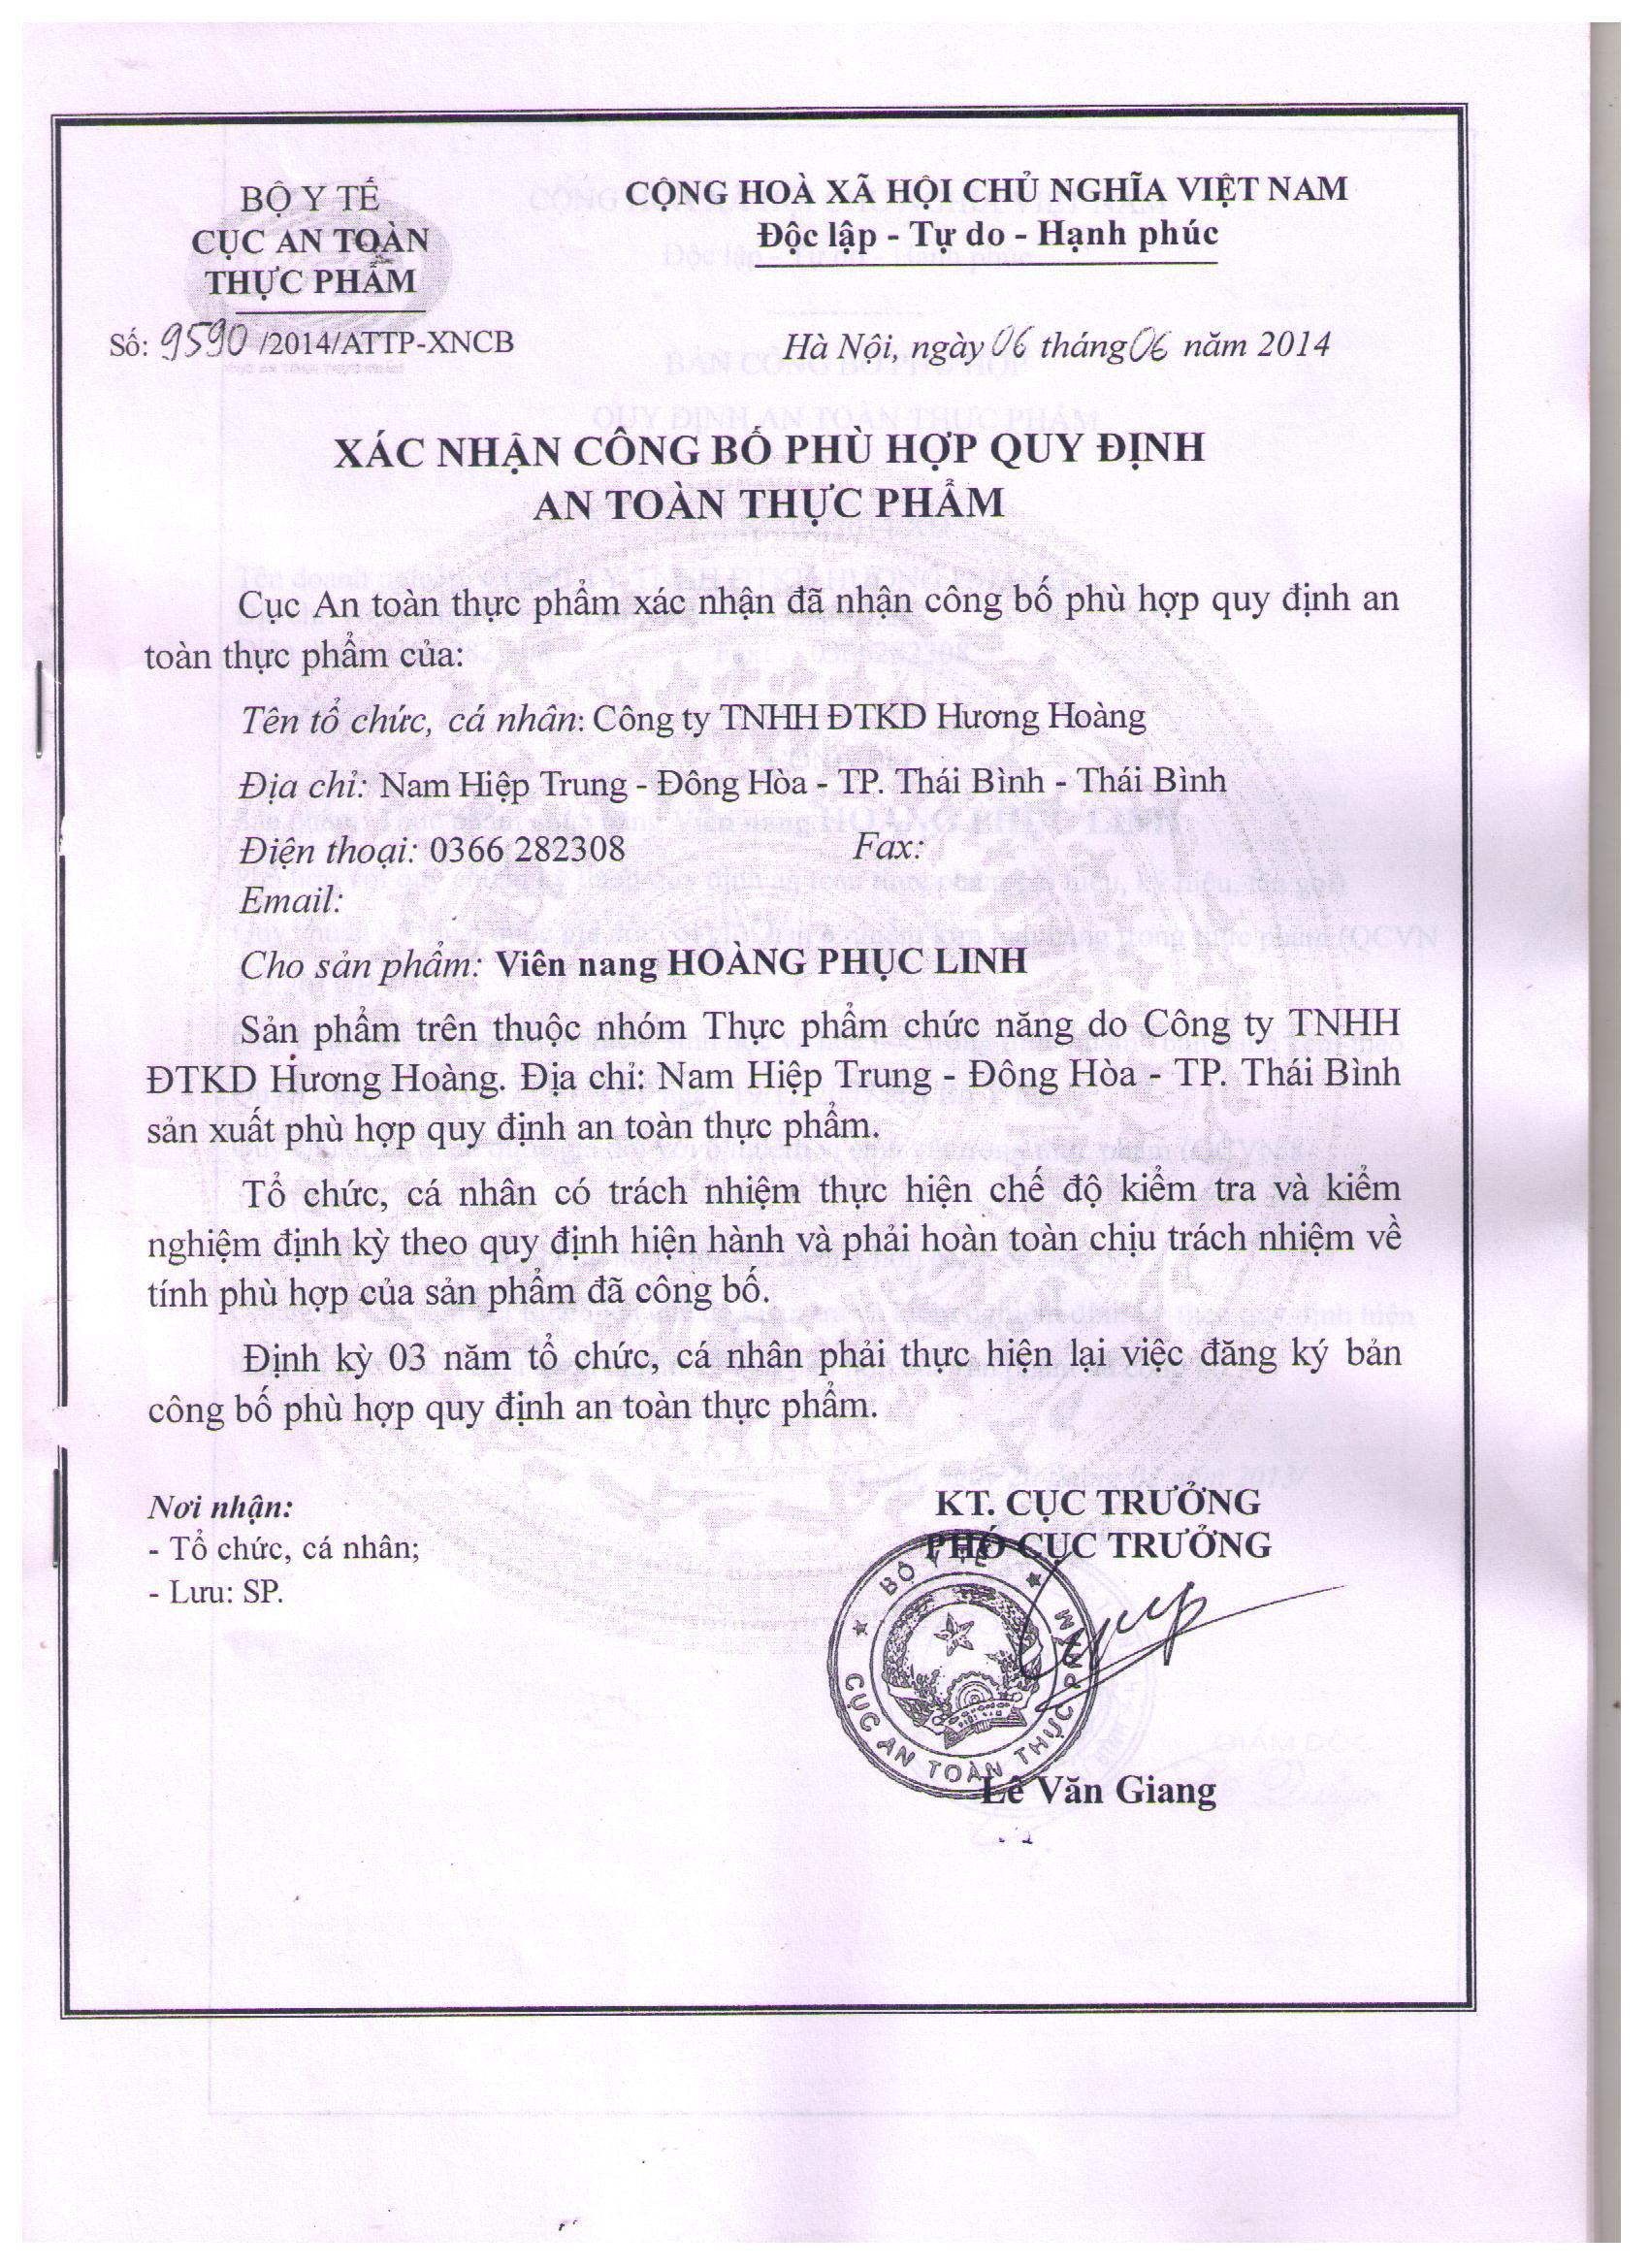 HH 14.6.6 Hoang Phuc Linh